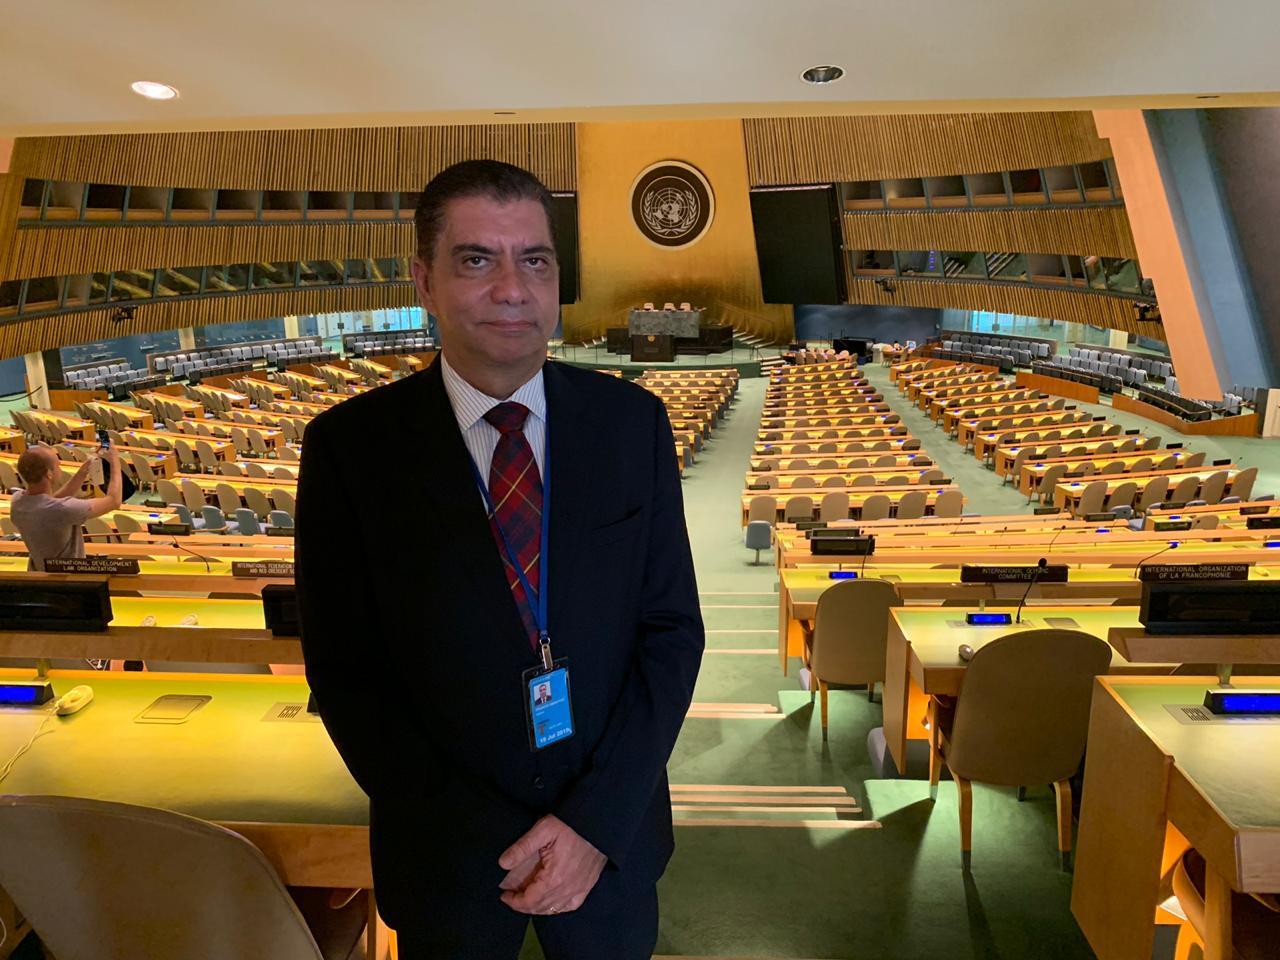 Amastha participa de fórum político sobre desenvolvimento sustentável na sede da ONU, em NY